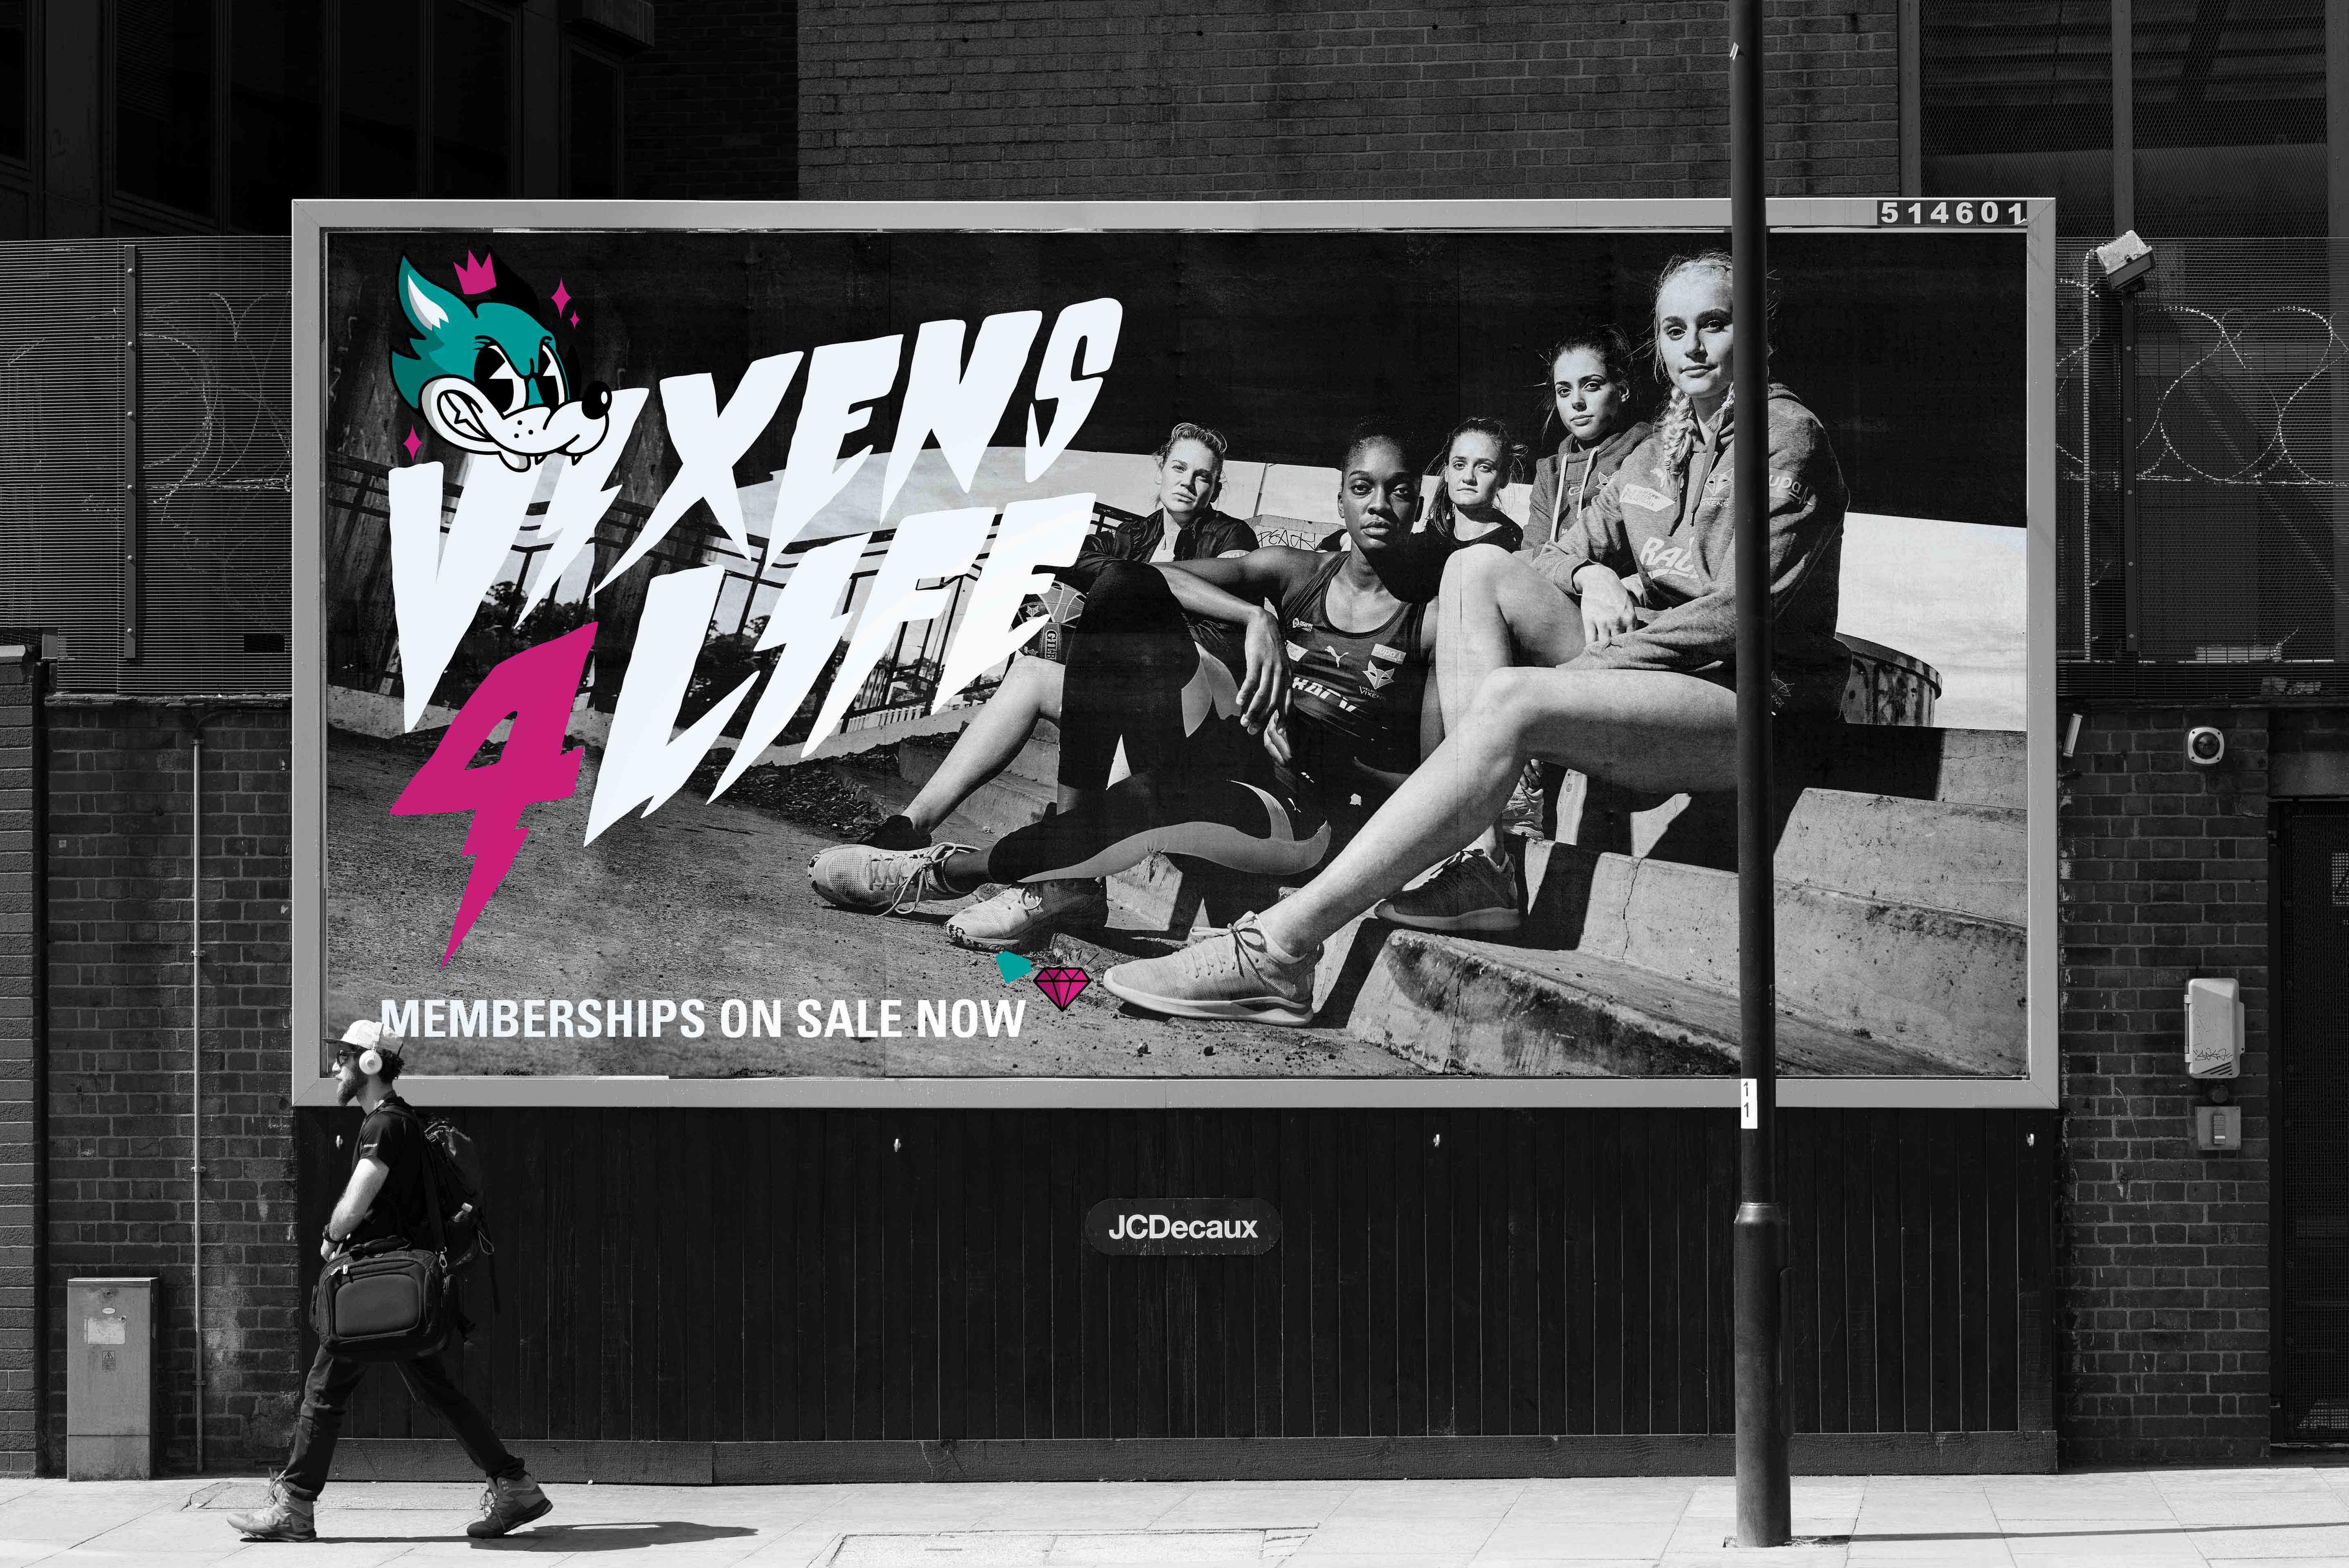 203_billboard_urban_poster_mockup-copy-copy_9965b0185e9eb9326a275cee608b5776